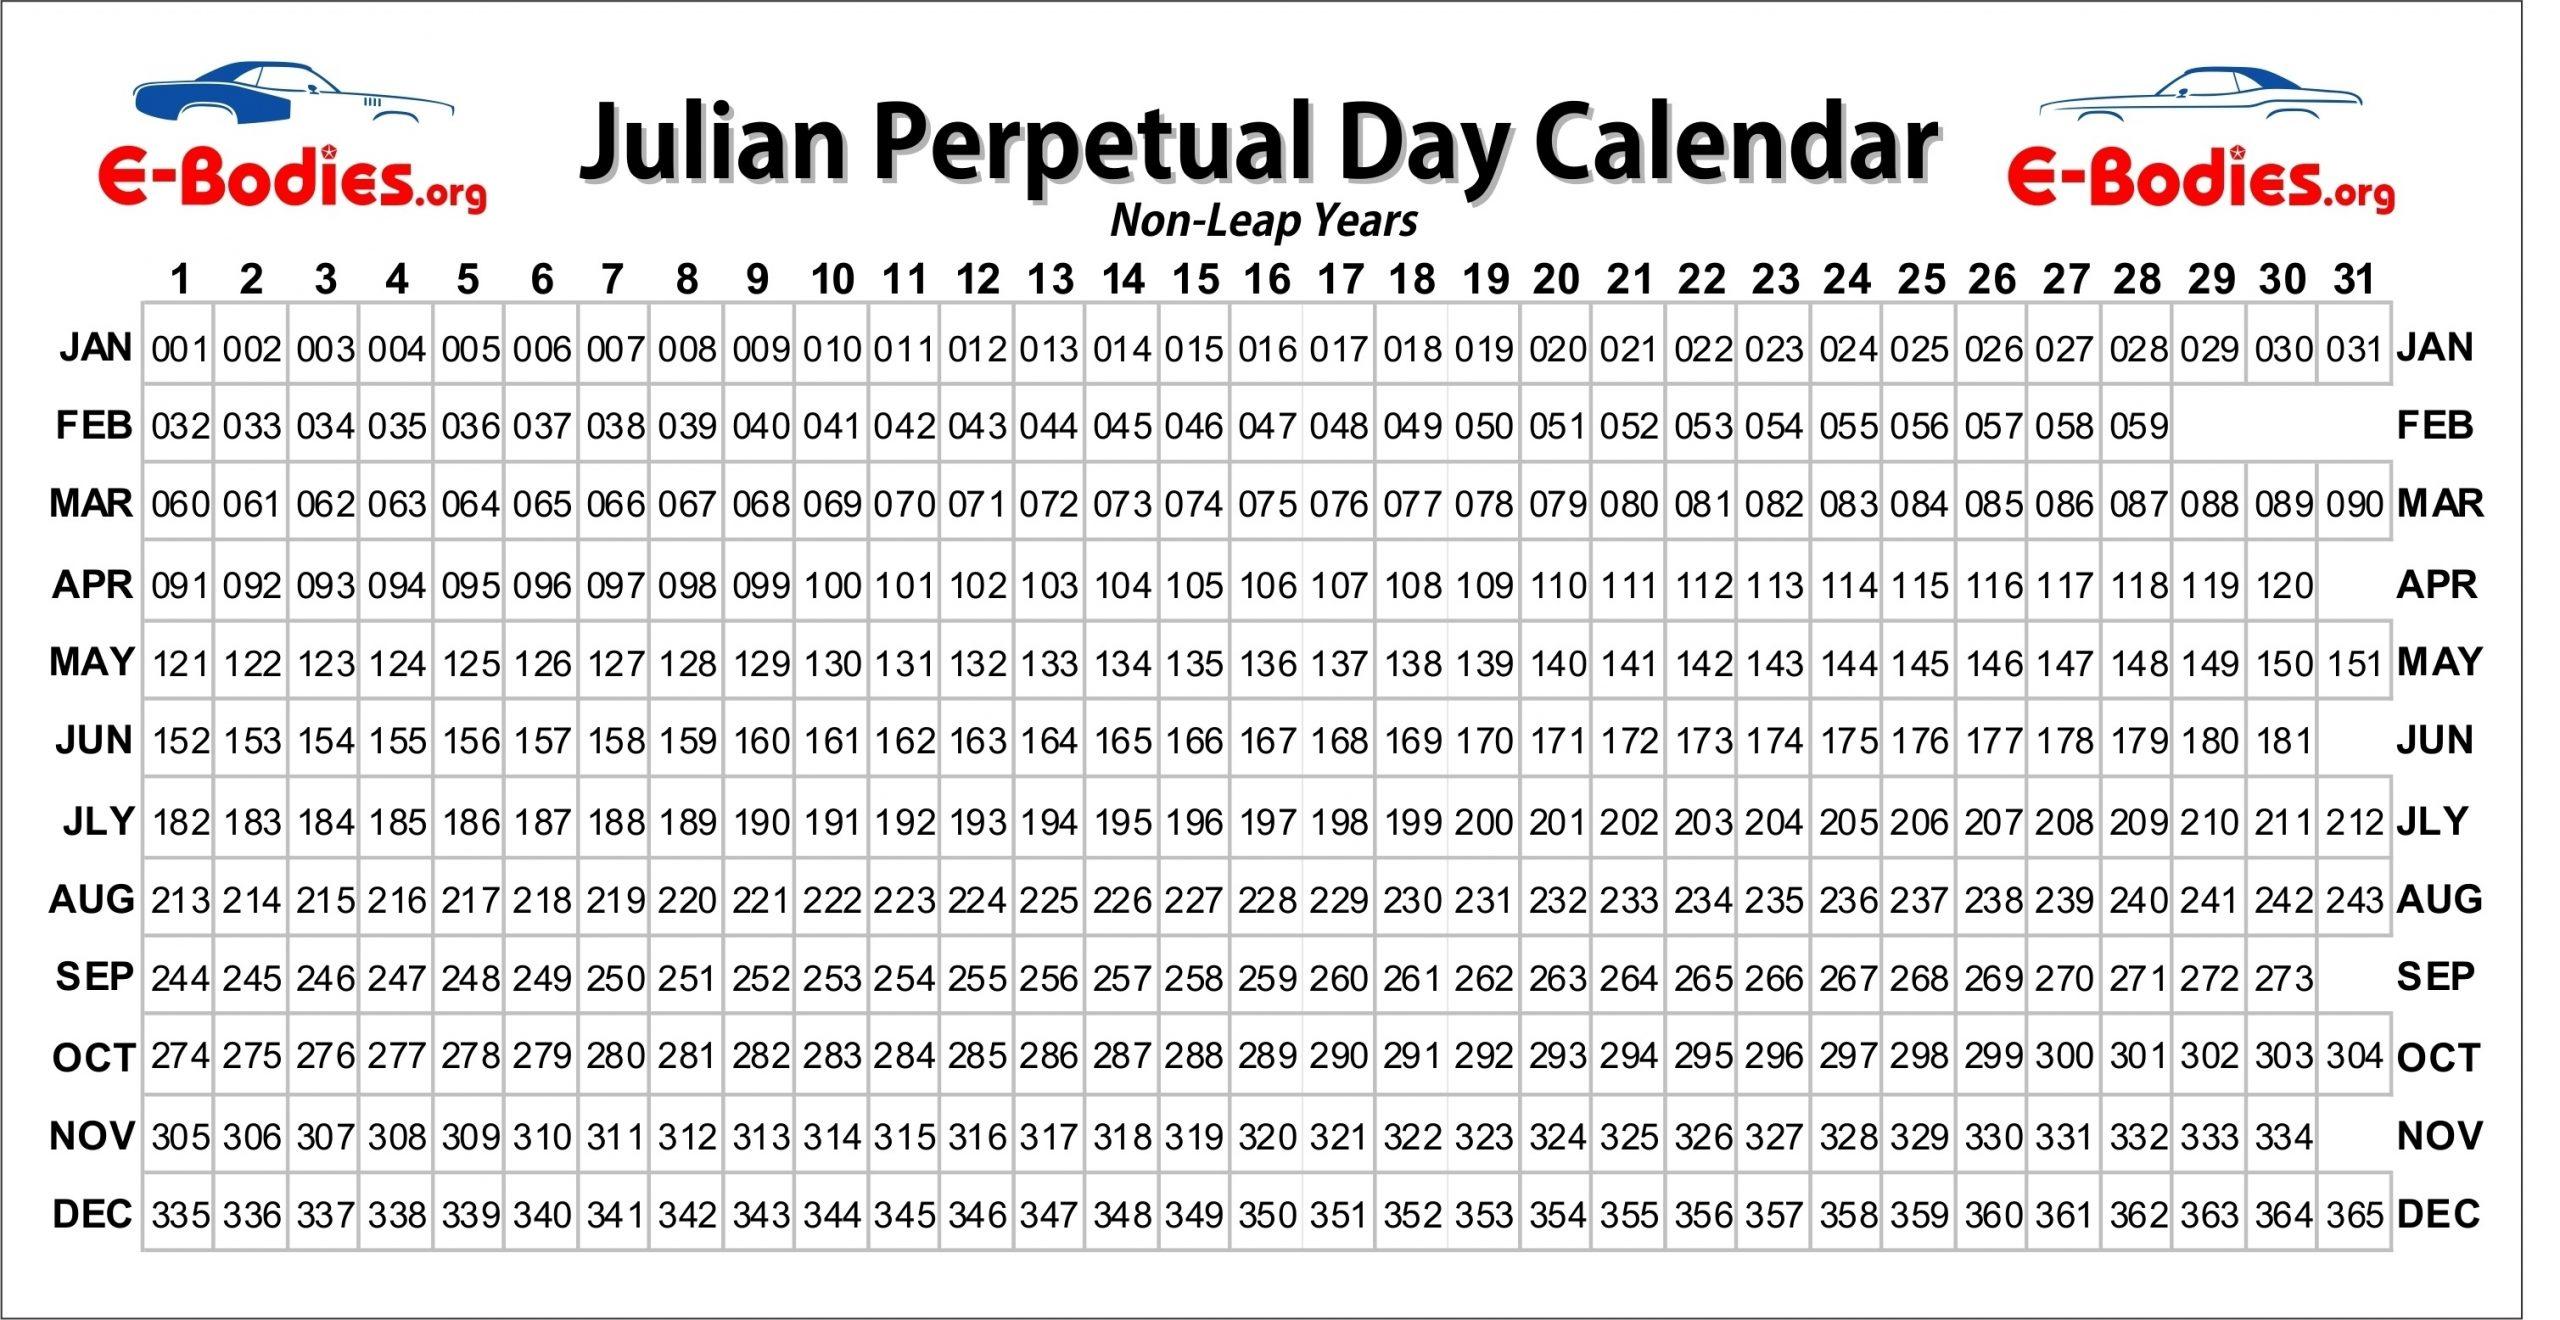 Google Julian Date Calendar By Days 2018 – Template